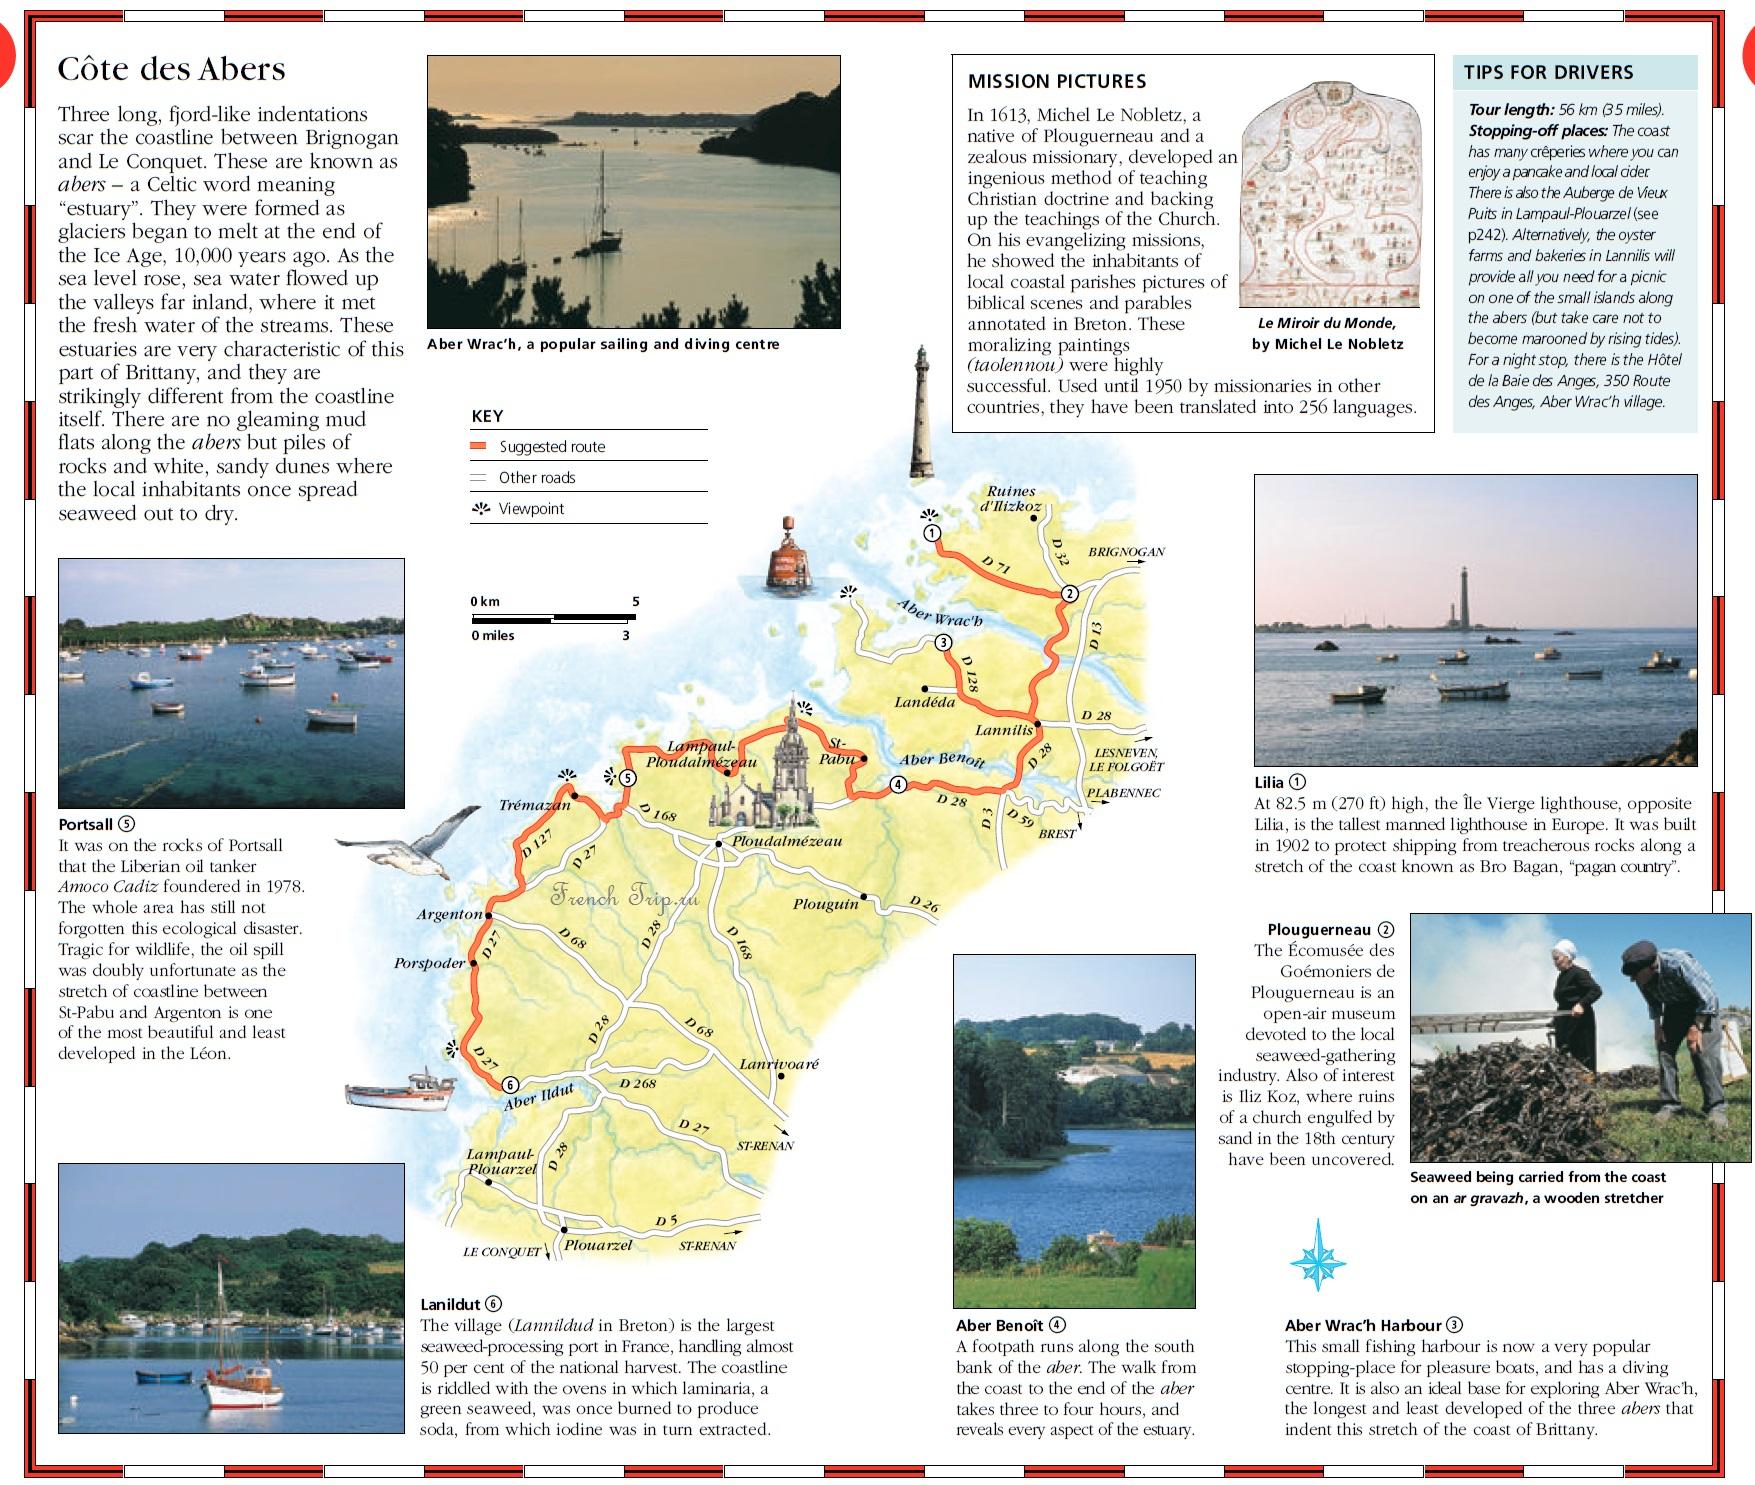 Côte des Abers - достопримечательности, маршрут по берегу Бретани. Туристические маршруты по Бретани, путеводитель по Бретани и Франции, что посмотреть в Бретани, Бретань, Бретань Франция, Бретань достопримечательности